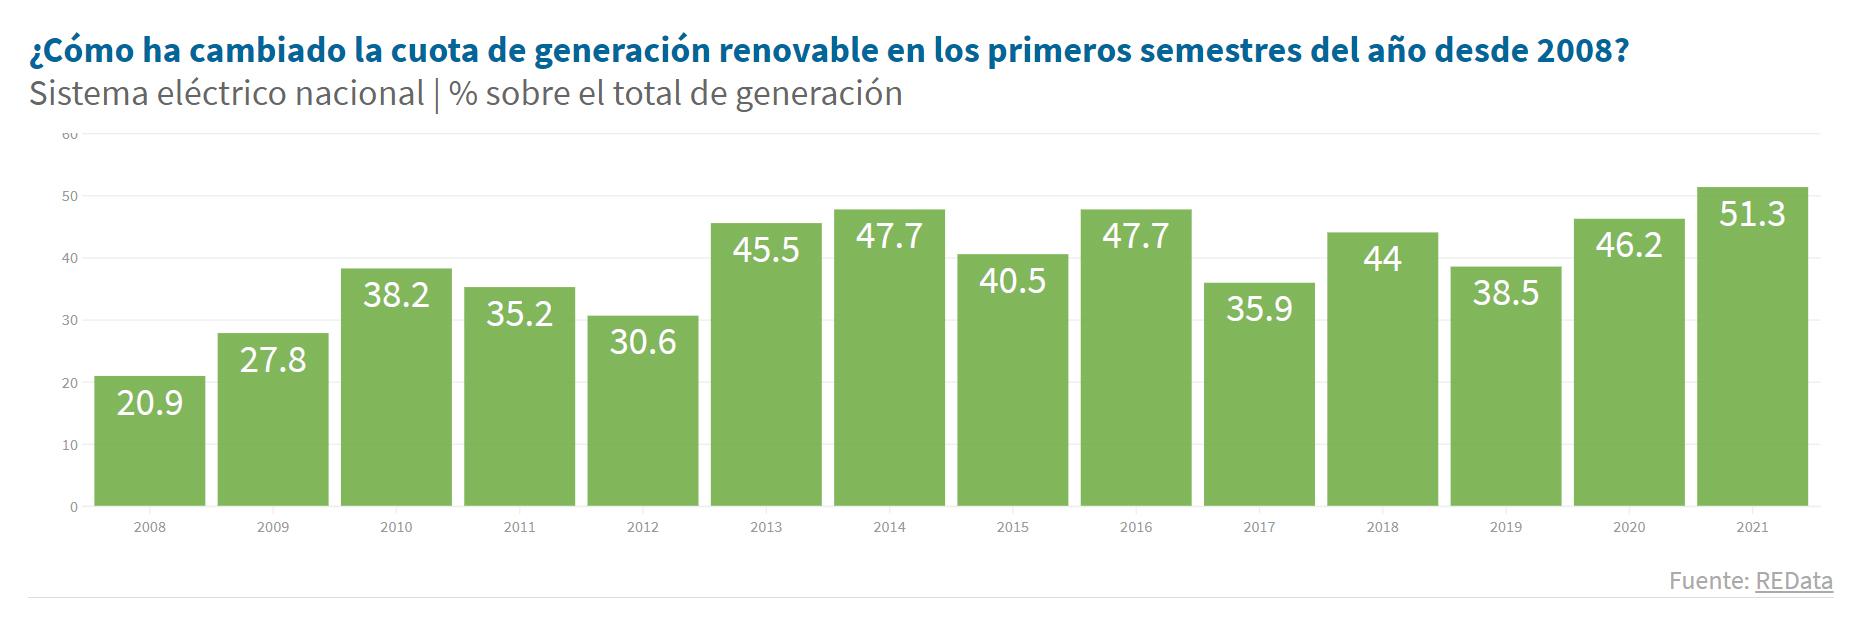 Más de la mitad de la electricidad generada en España en el primer semestre de 2021 ha sido de origen renovable, con la eólica como tecnología líder